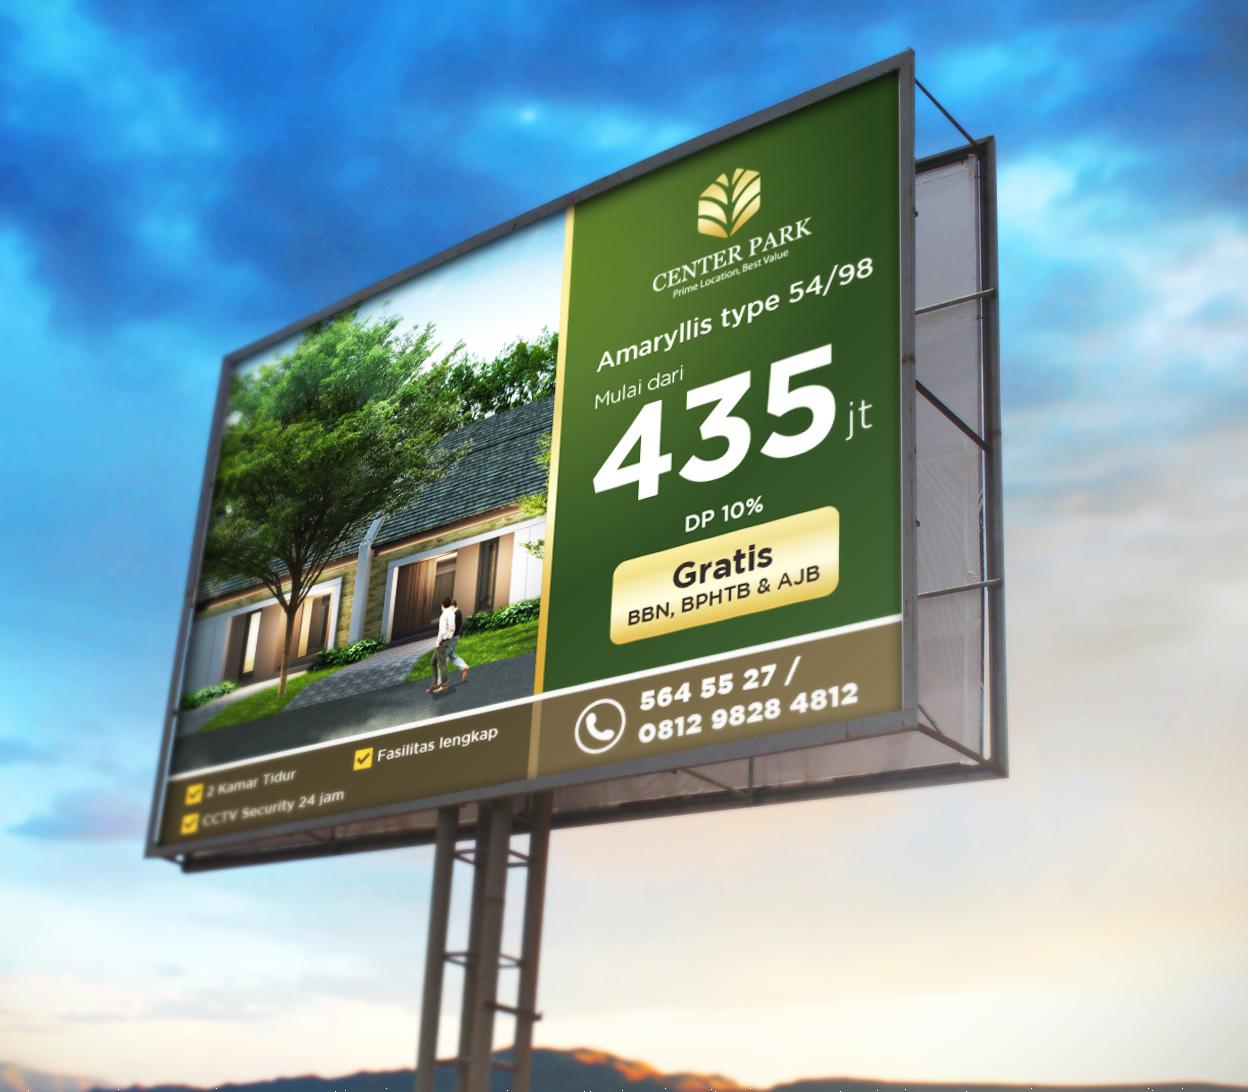 Real estate billboard design samples - See More Designs